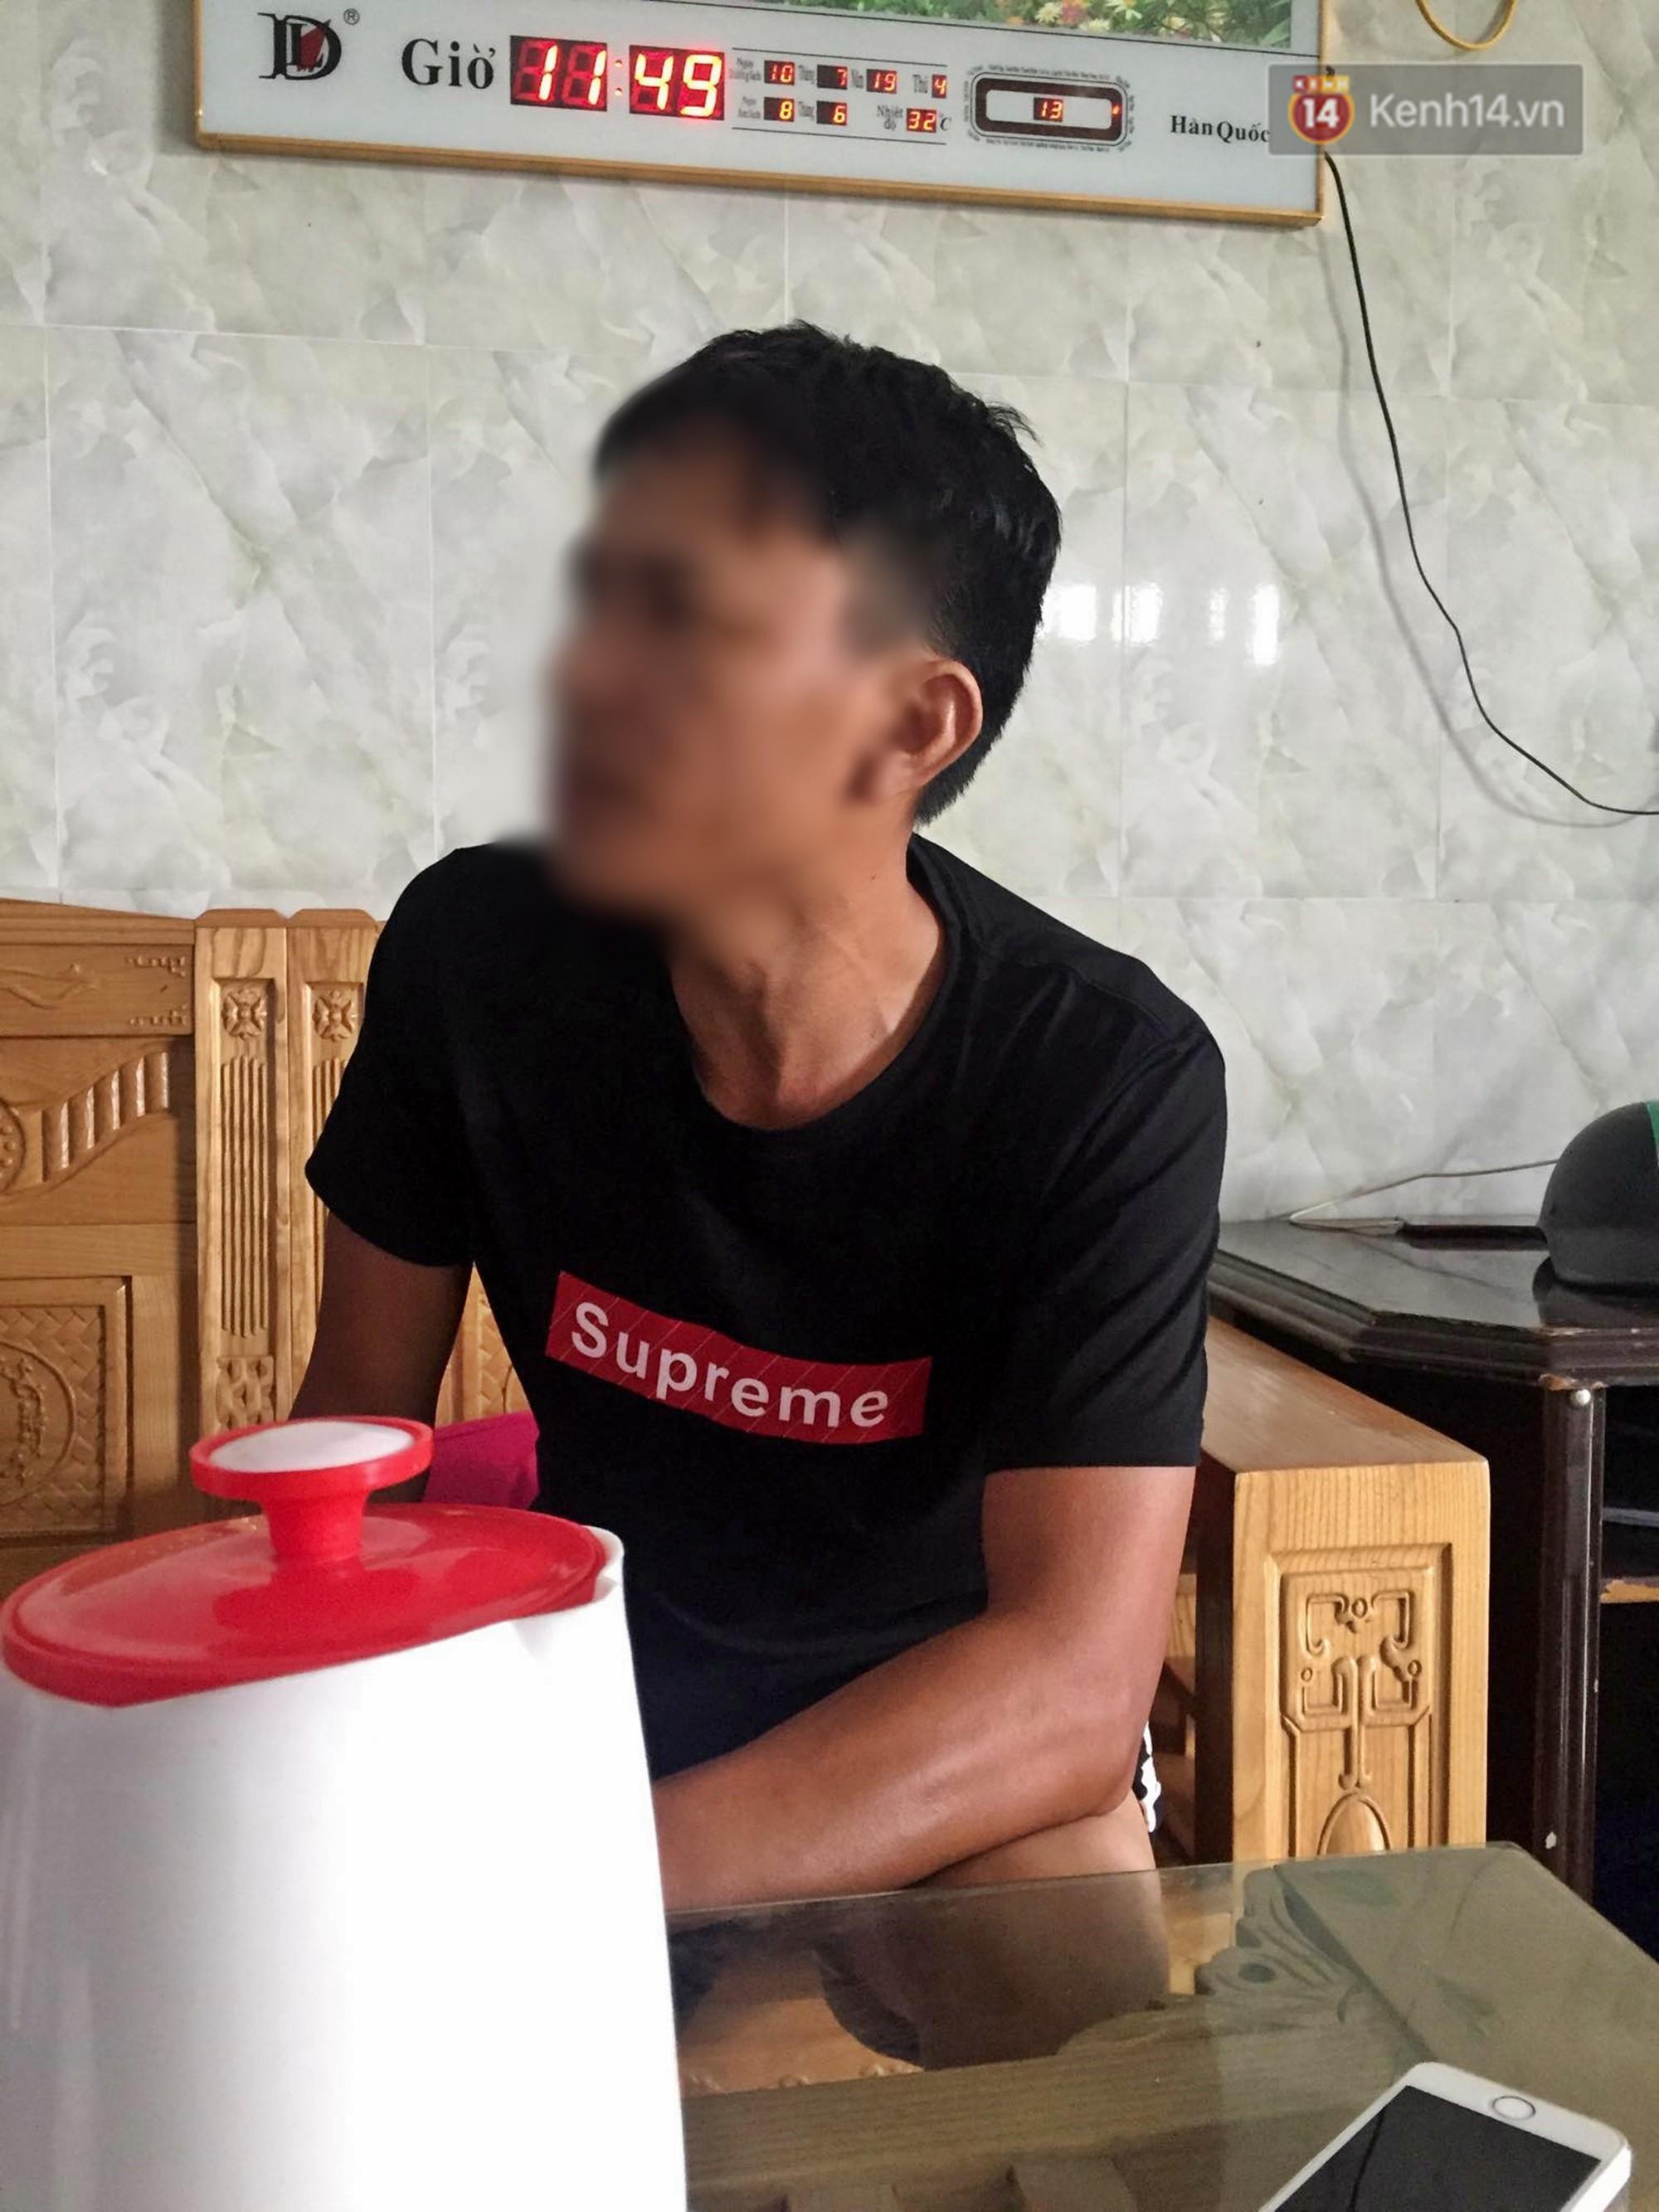 Bố thiếu niên lái xe máy tông CSGT ở Hải Phòng: Xem video tôi cứ nghĩ con trai đã chết rồi - Ảnh 2.